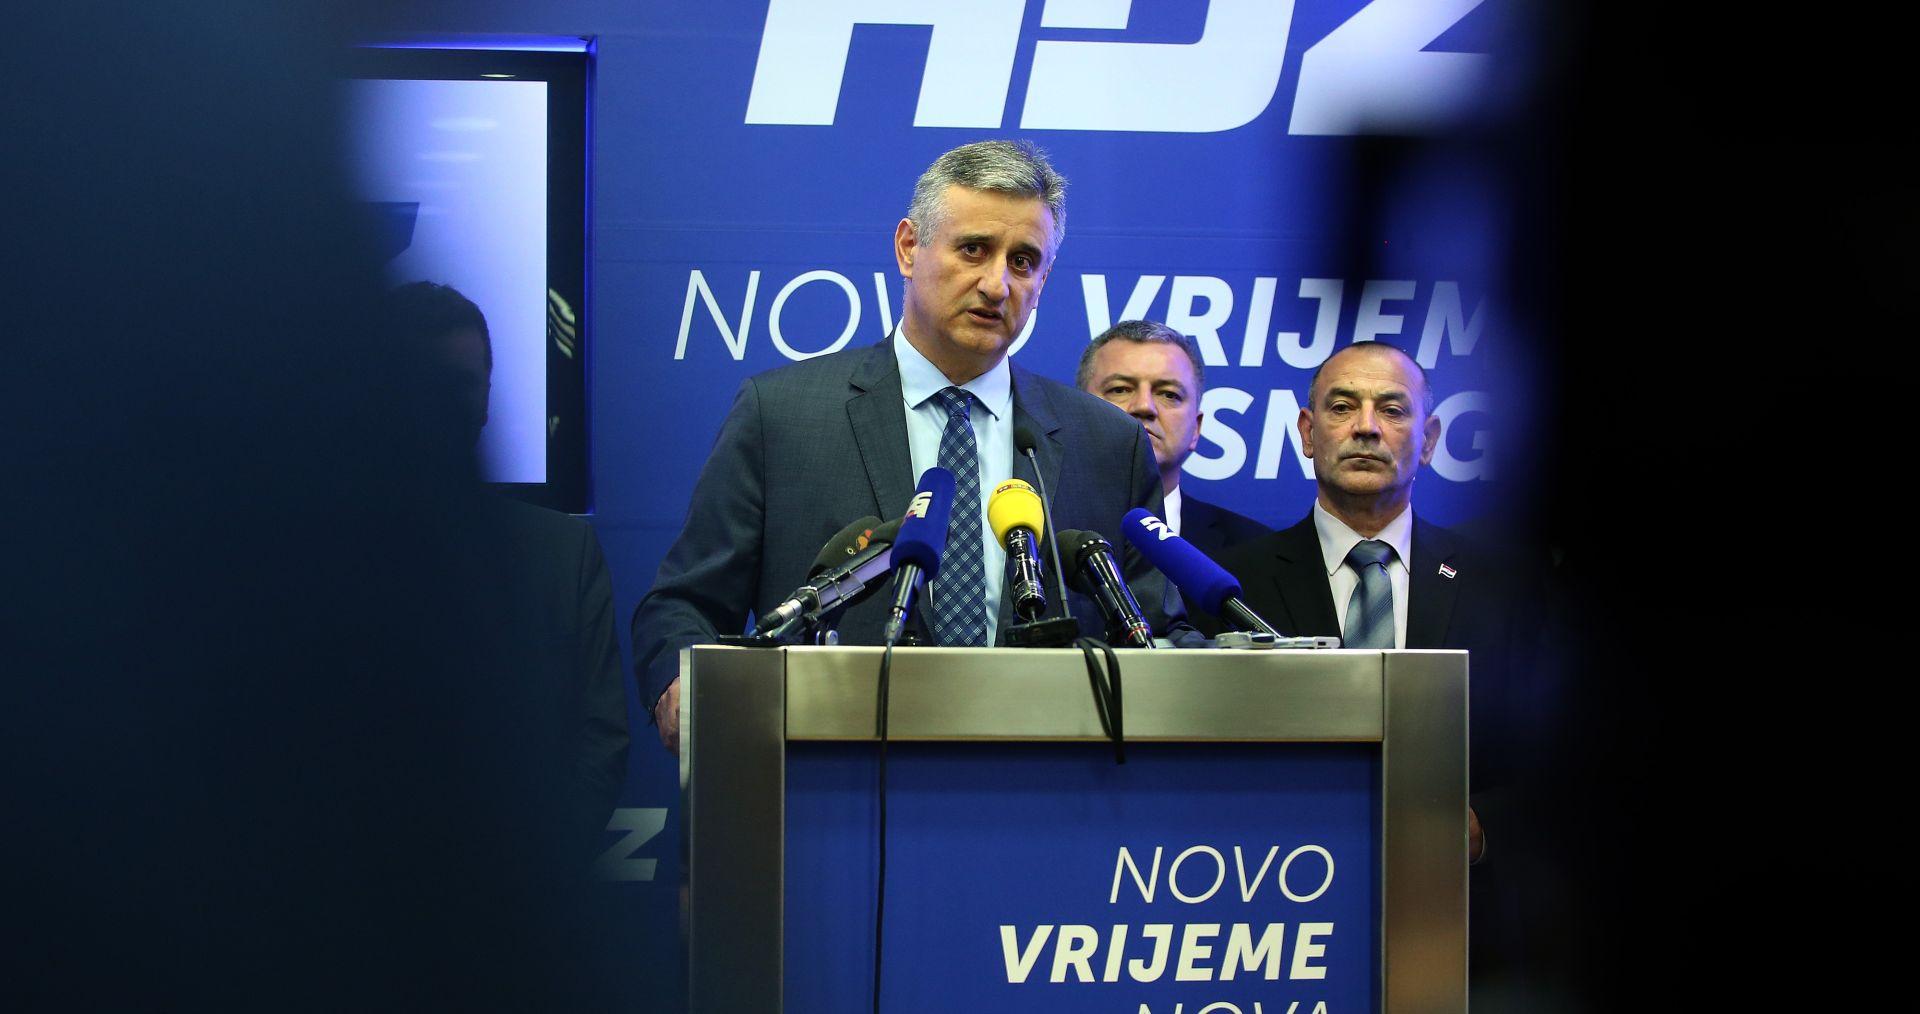 Karamarko podnio ostavku na mjesto potpredsjednika Vlade, isto zatražio od Petrova i Oreškovića